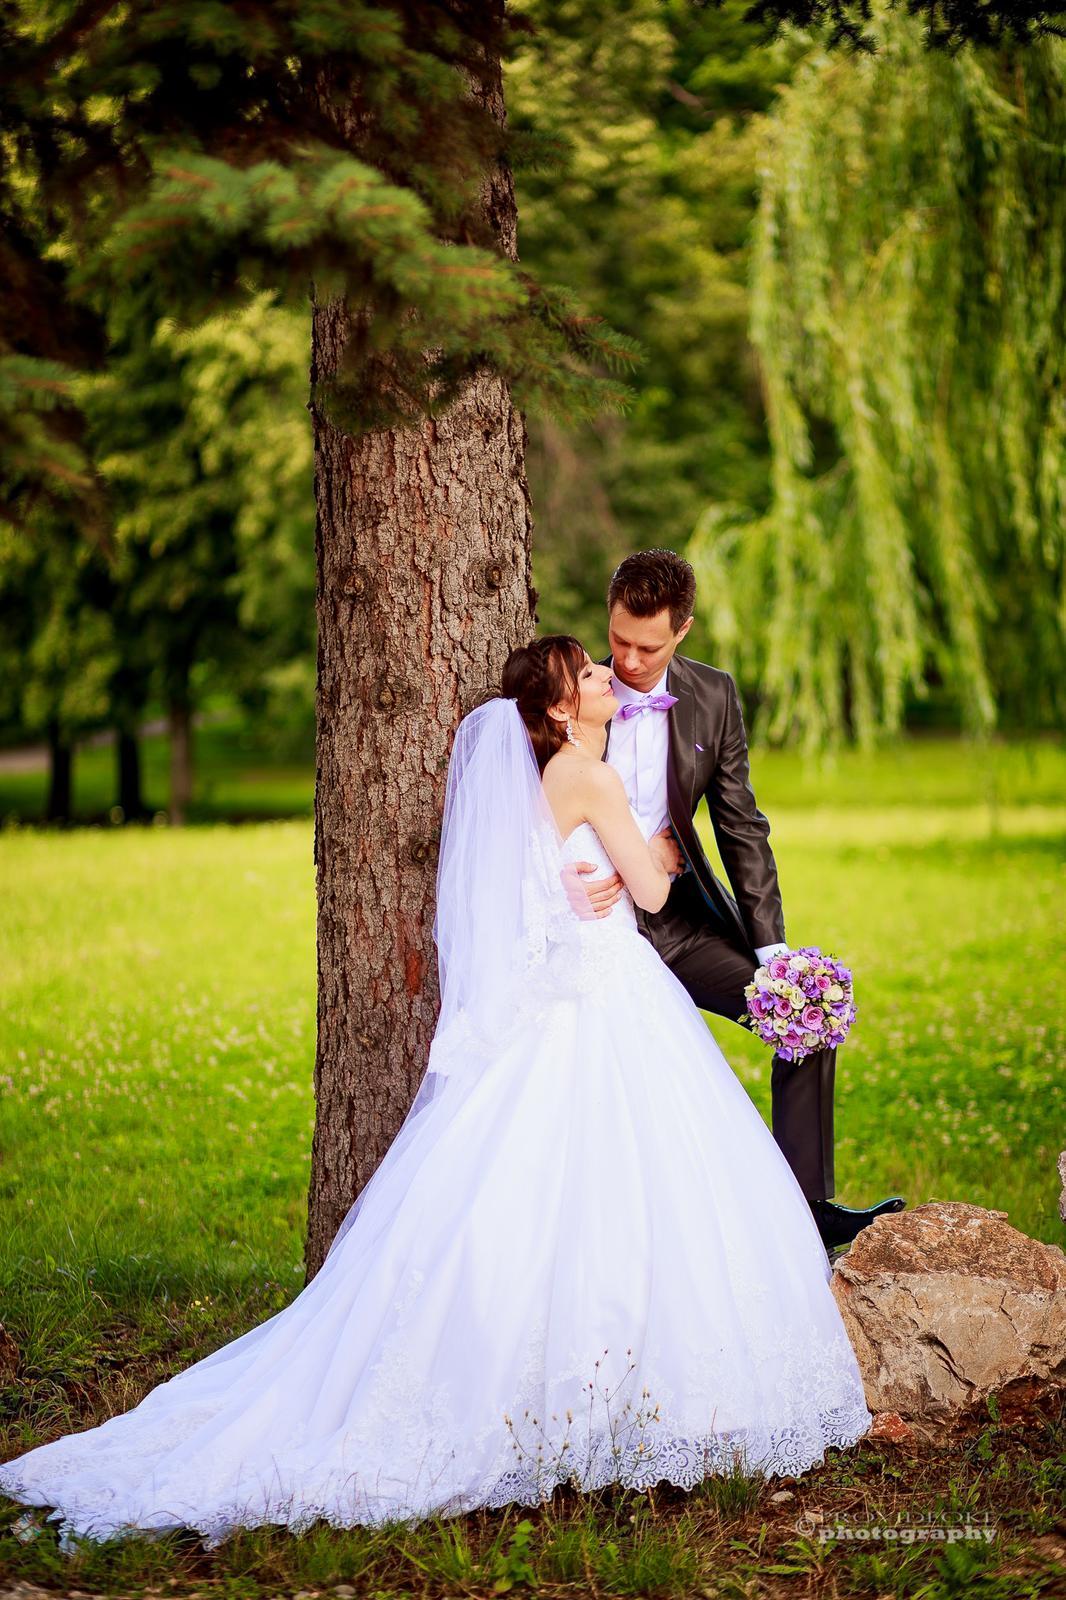 Svadobné príbehy ... - Obrázok č. 18